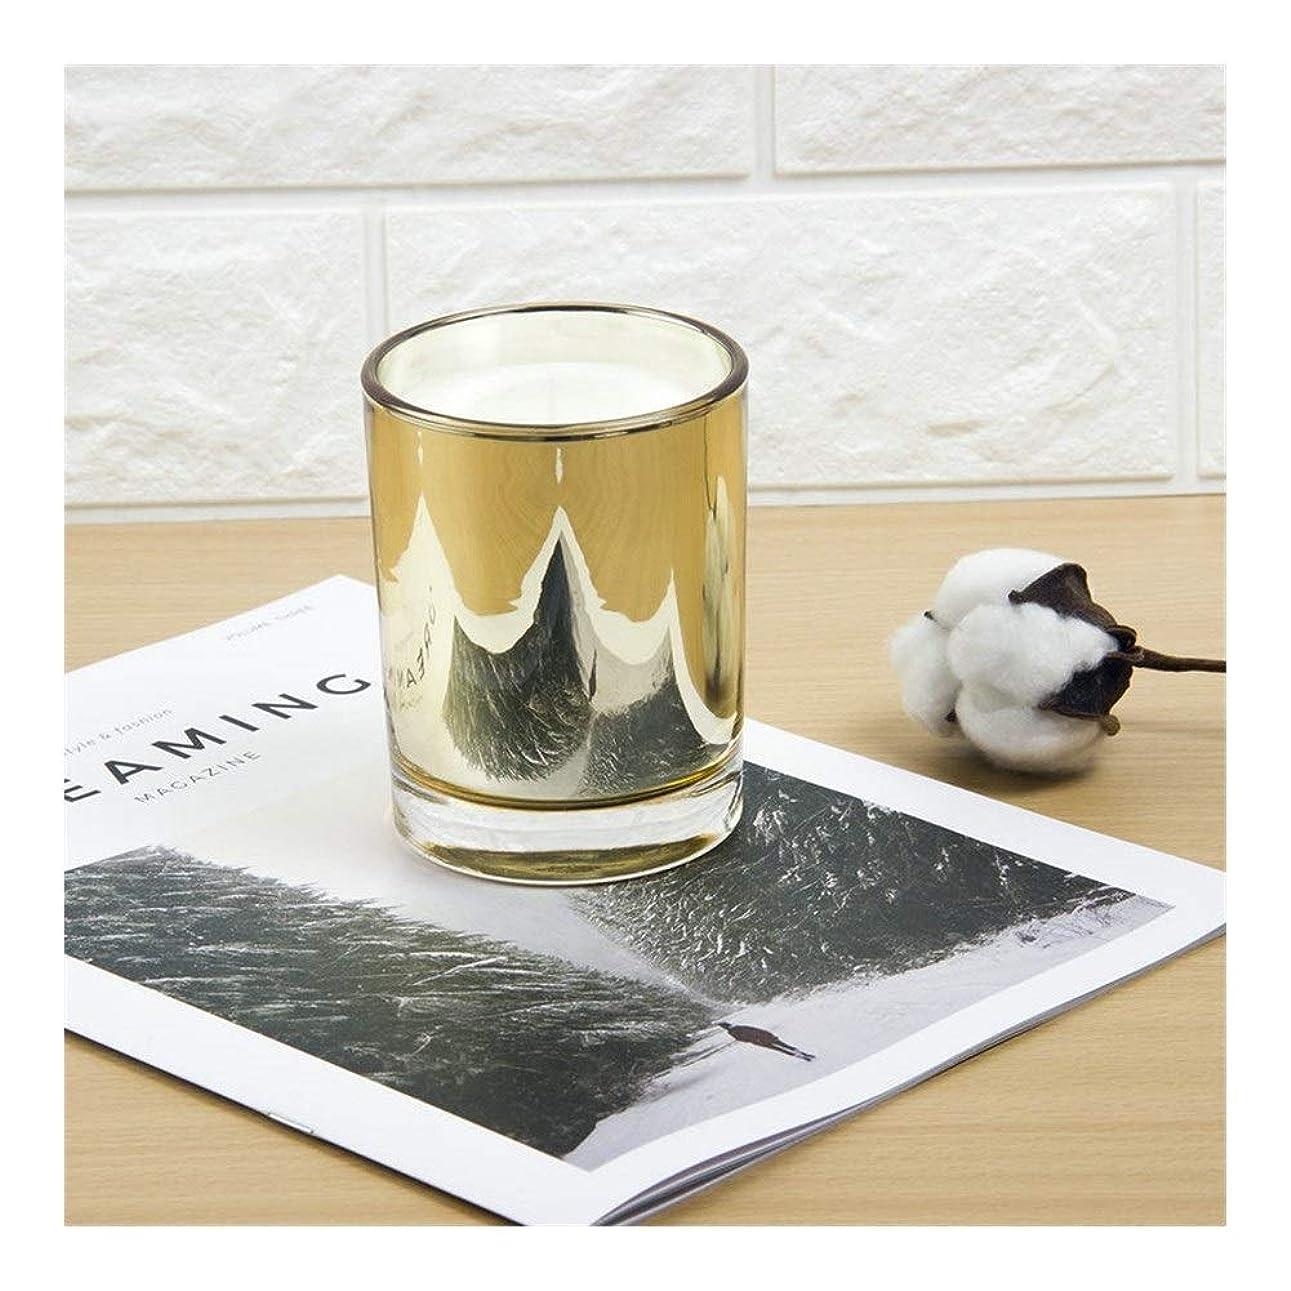 感性ボウリングファンブルACAO ゴールドカップキャンドル大豆アロマセラピーパーティーキャンドル誕生日プレゼント植物キャンドル